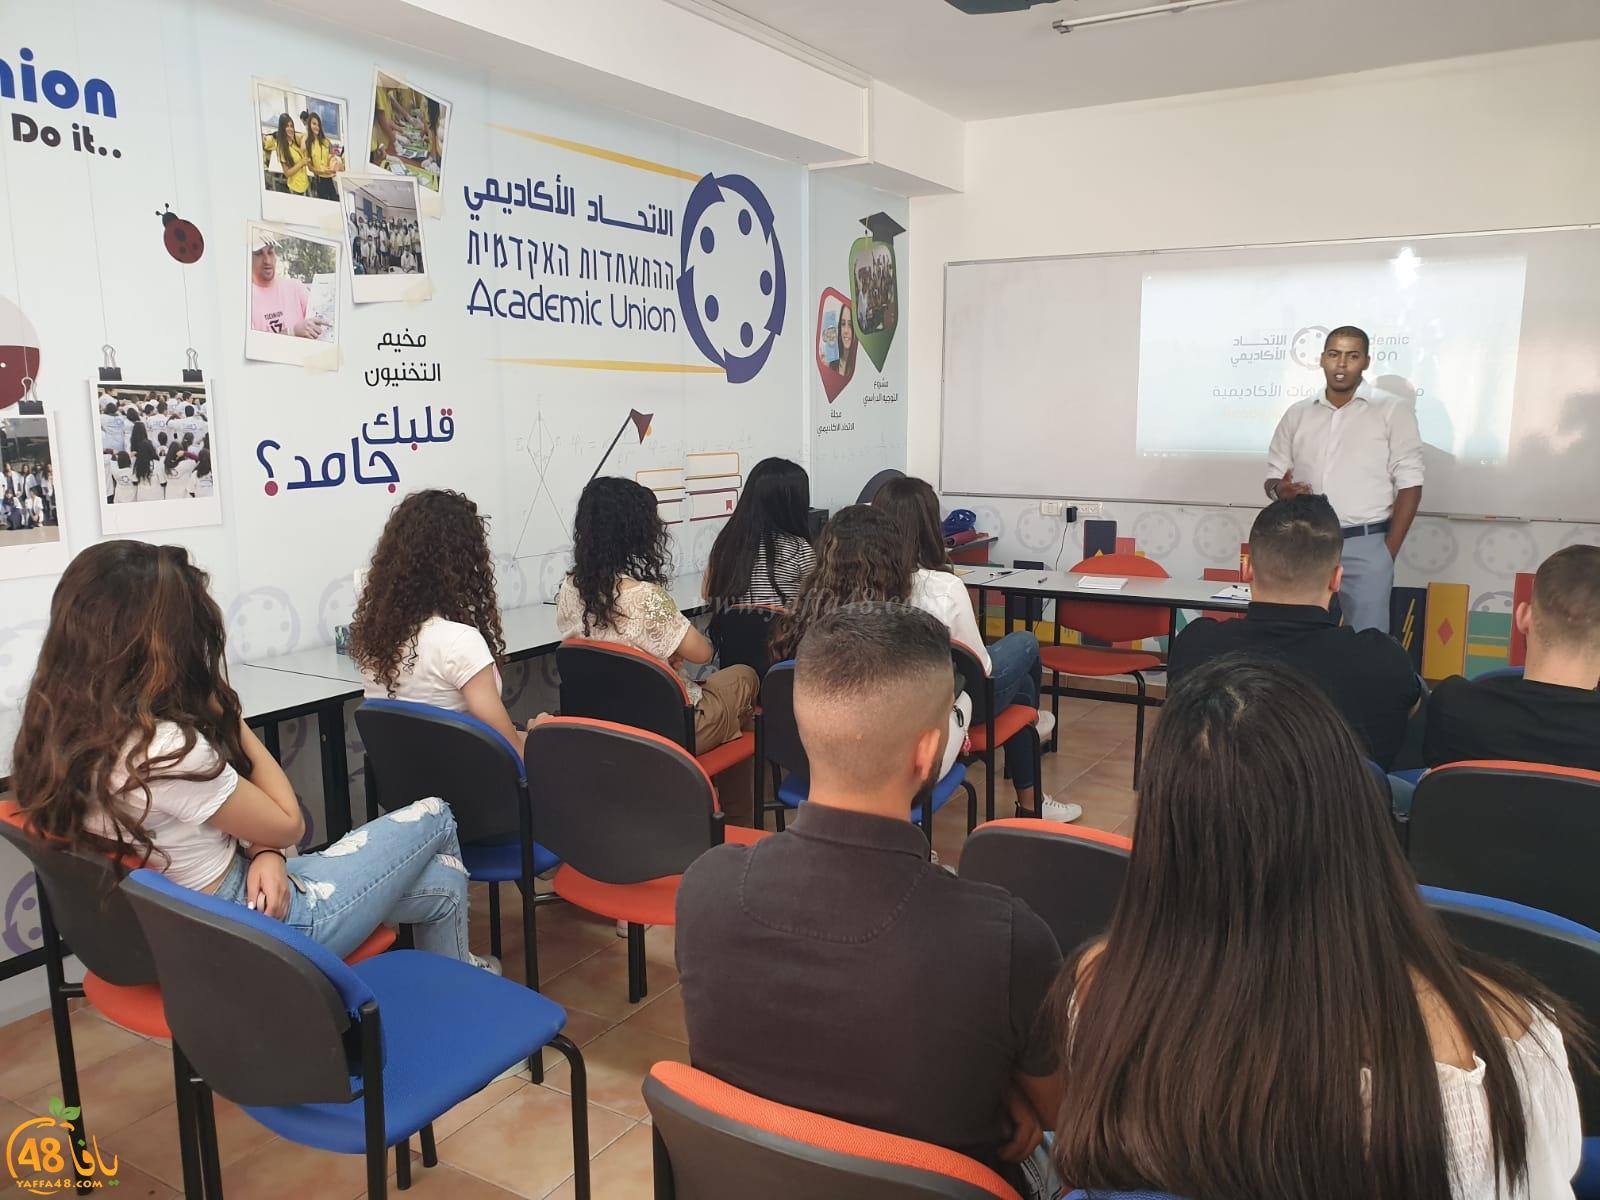 الكلية الأكاديمية تُنظم يوماً مفتوحاً في الناصرة